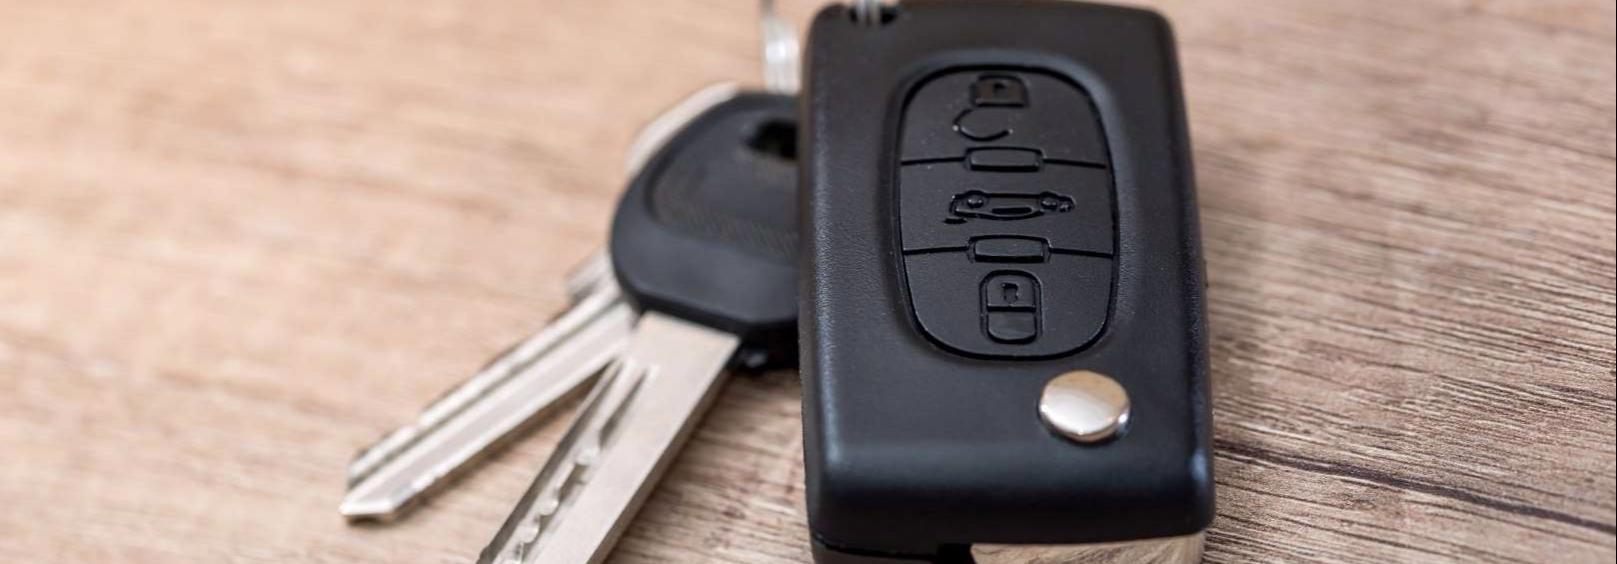 Có nên để chìa khóa ô tô chung với nhiều loại chìa khóa khác?